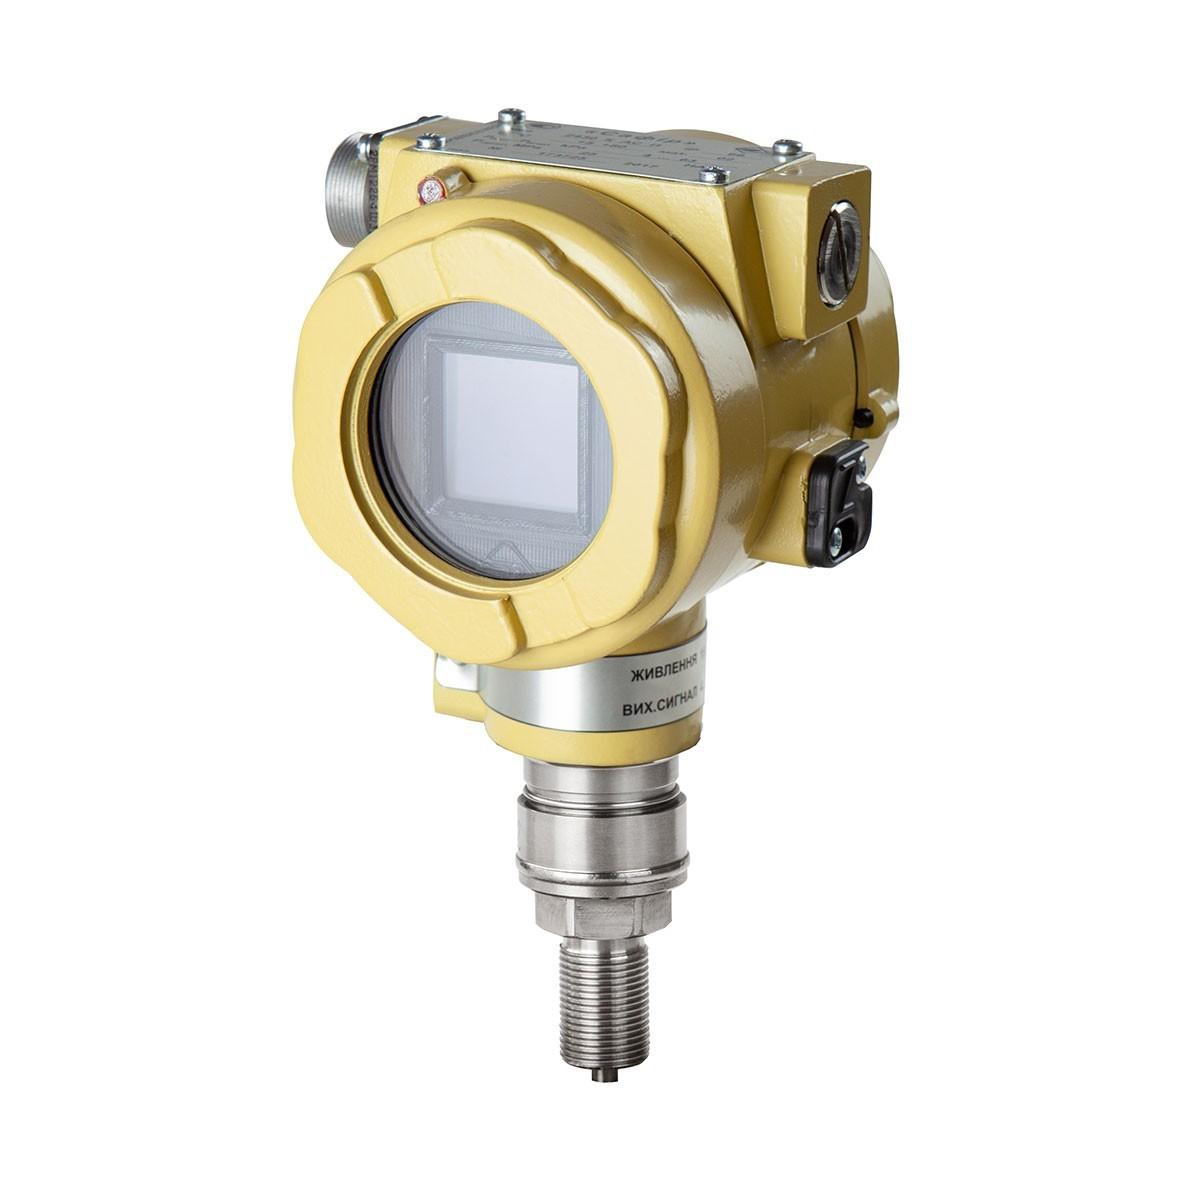 Smart Gauge Pressure Transmitters Safir 2151, 2161, 2171, 2351 K